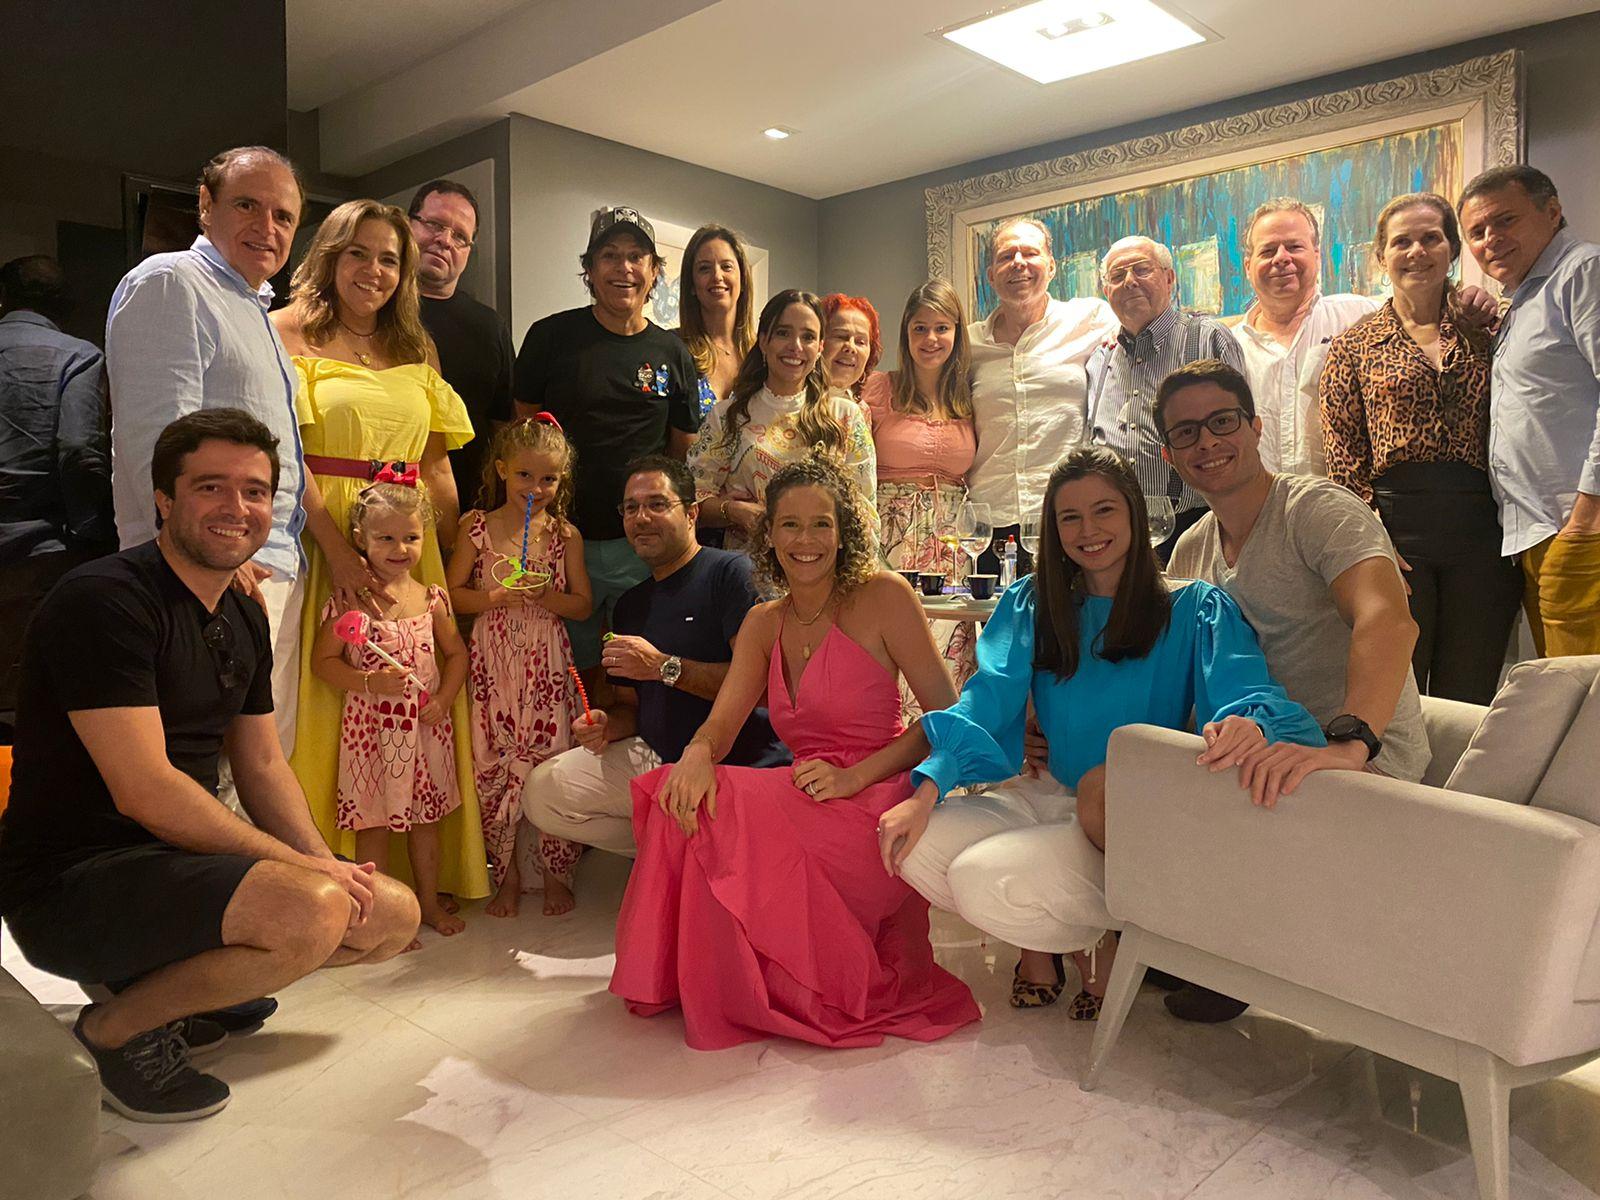 Edson e Ítala Ventura reúnem a família e celebram seus 64 anos de casados